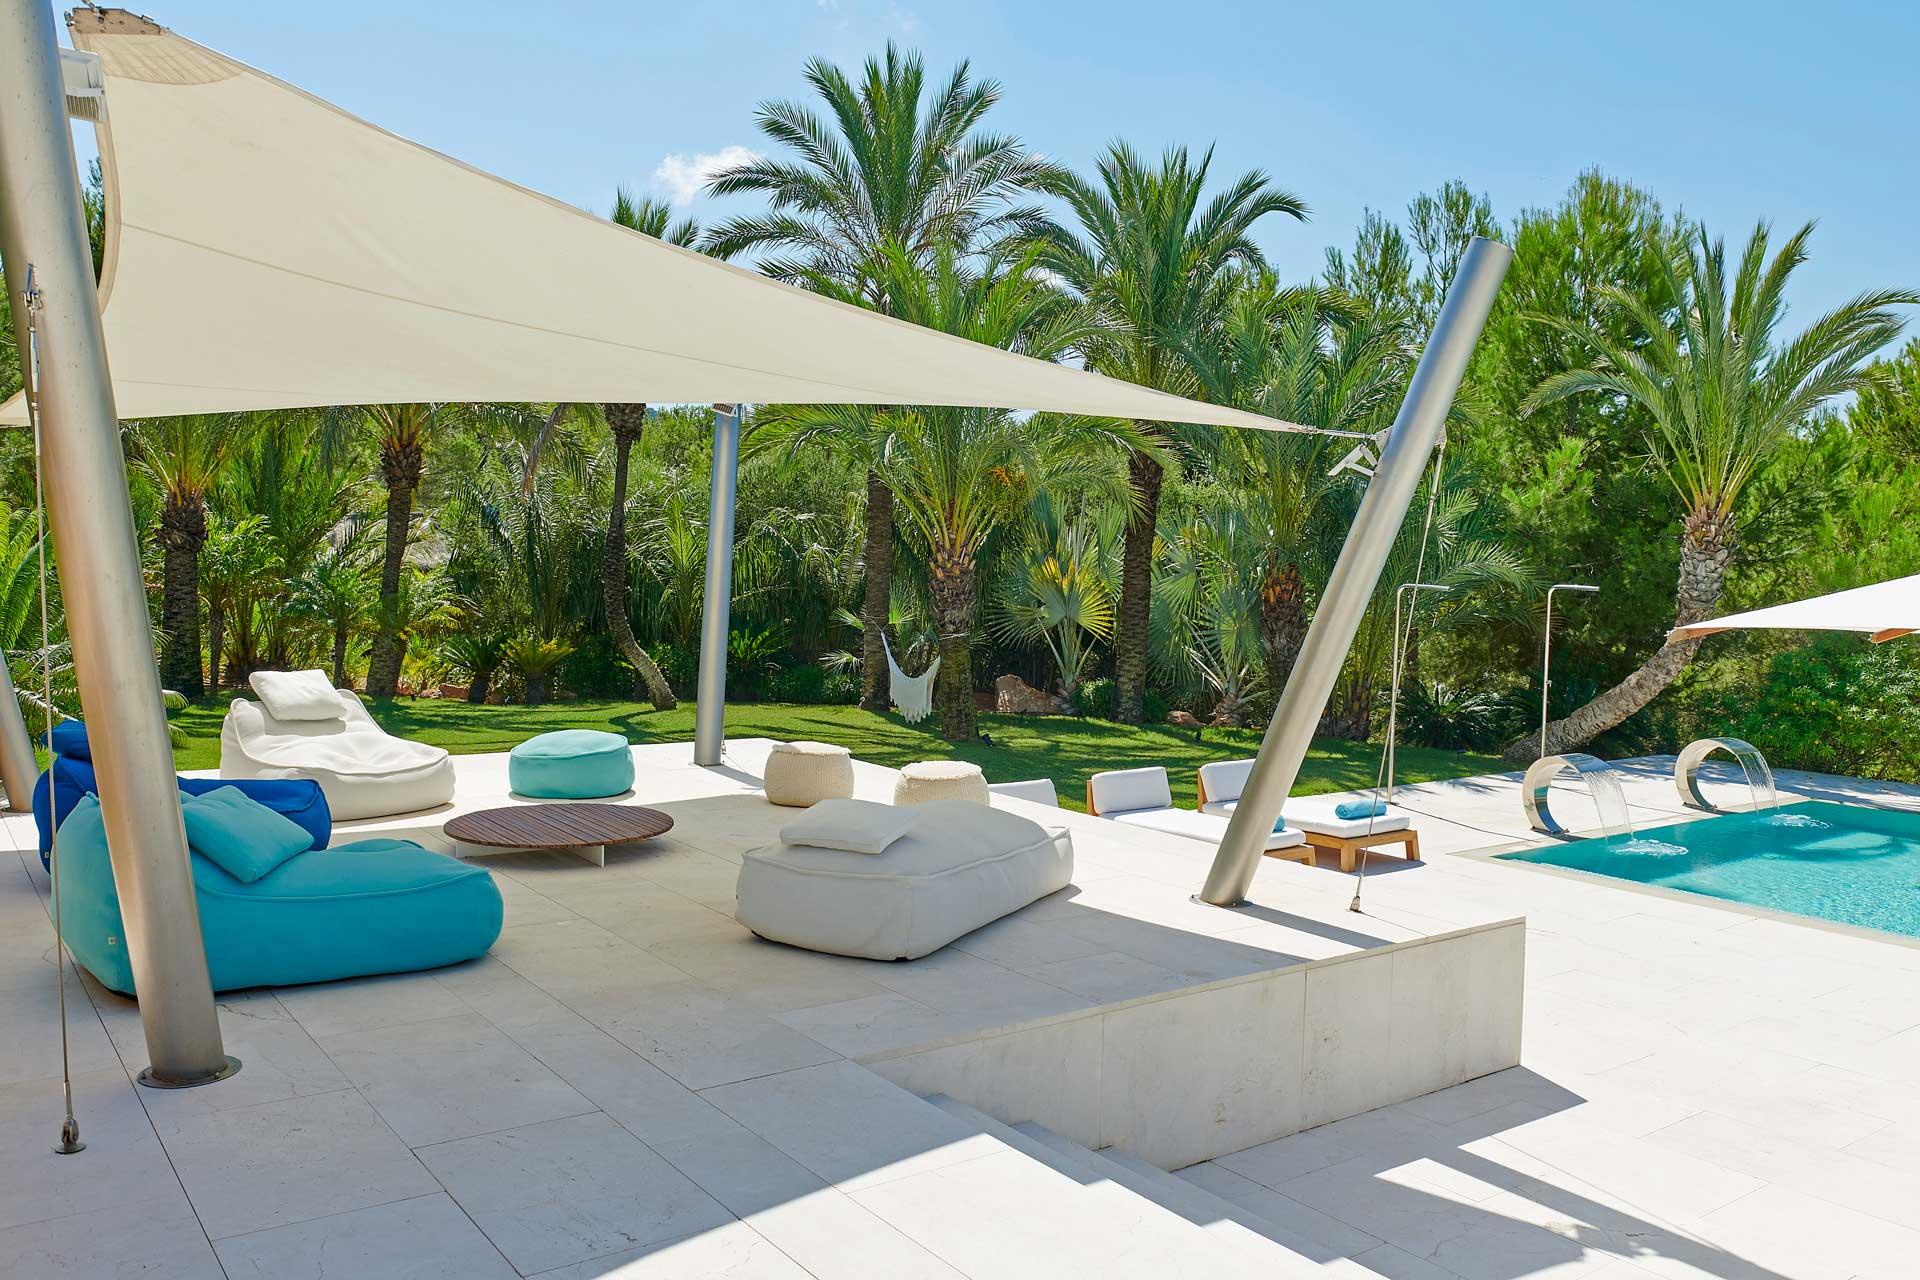 Villa CA Ibiza - Swimmingpool Bereich mit Chill-out Ecke